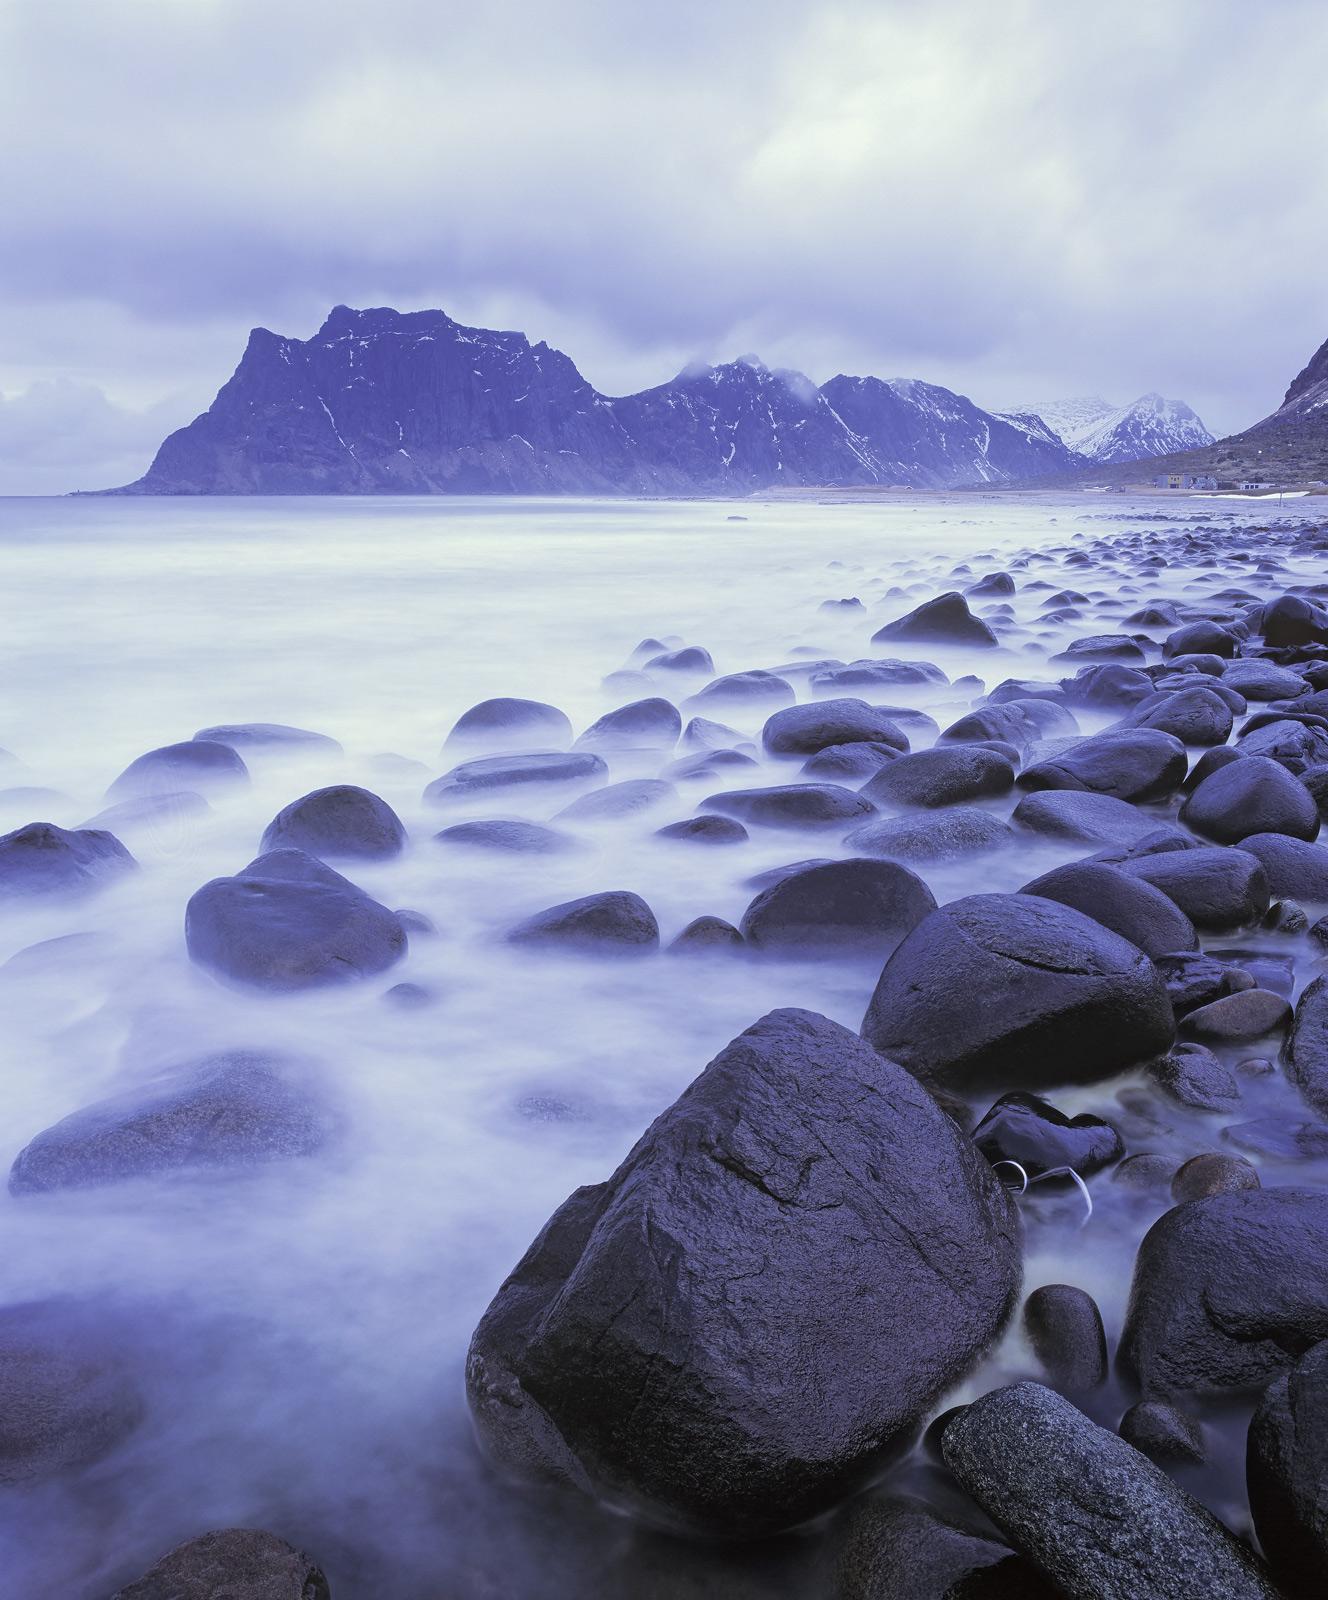 Uttakliev Blue, Uttakliev, Lofoten, Norway, cold, winter, twilight, blue, evident, cold, palette, steely, mist, sea, sme, photo